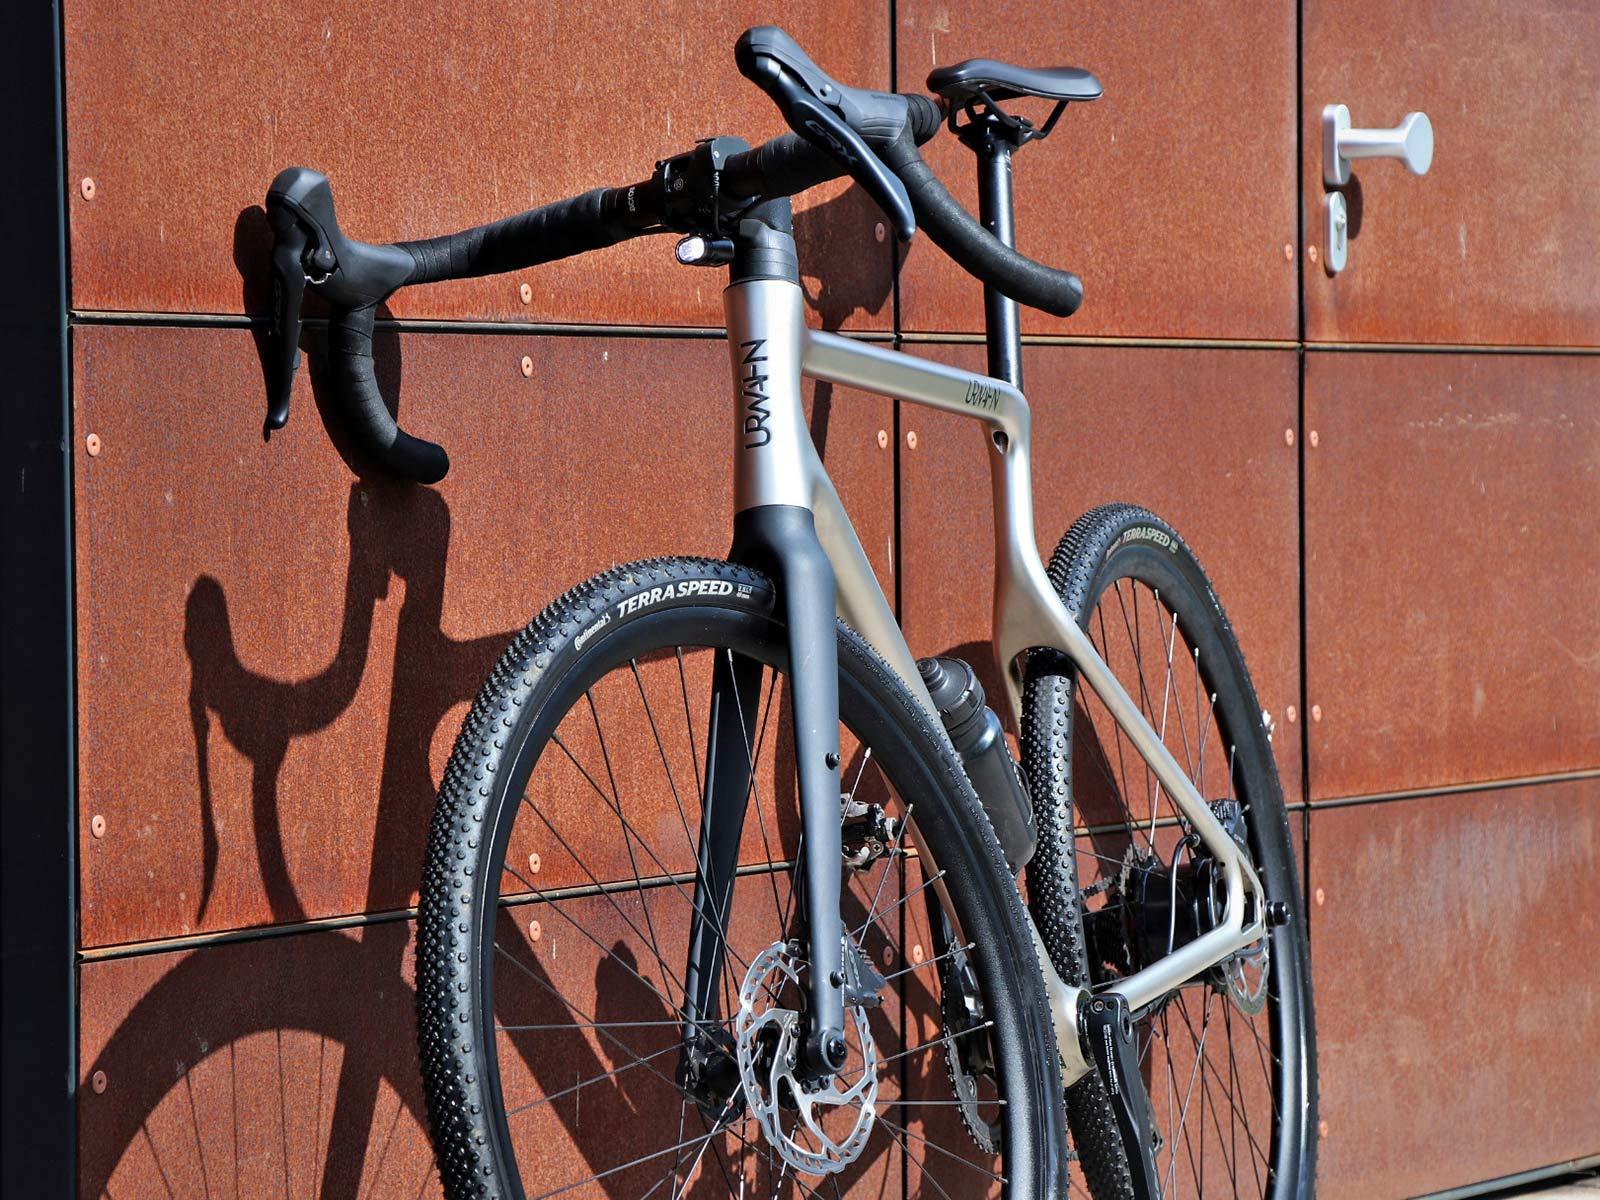 Urwahn Waldwiesel 3D-printed steel gravel bike no seattube, plus Waldwiesel.E hidden e-bike option,fork detail